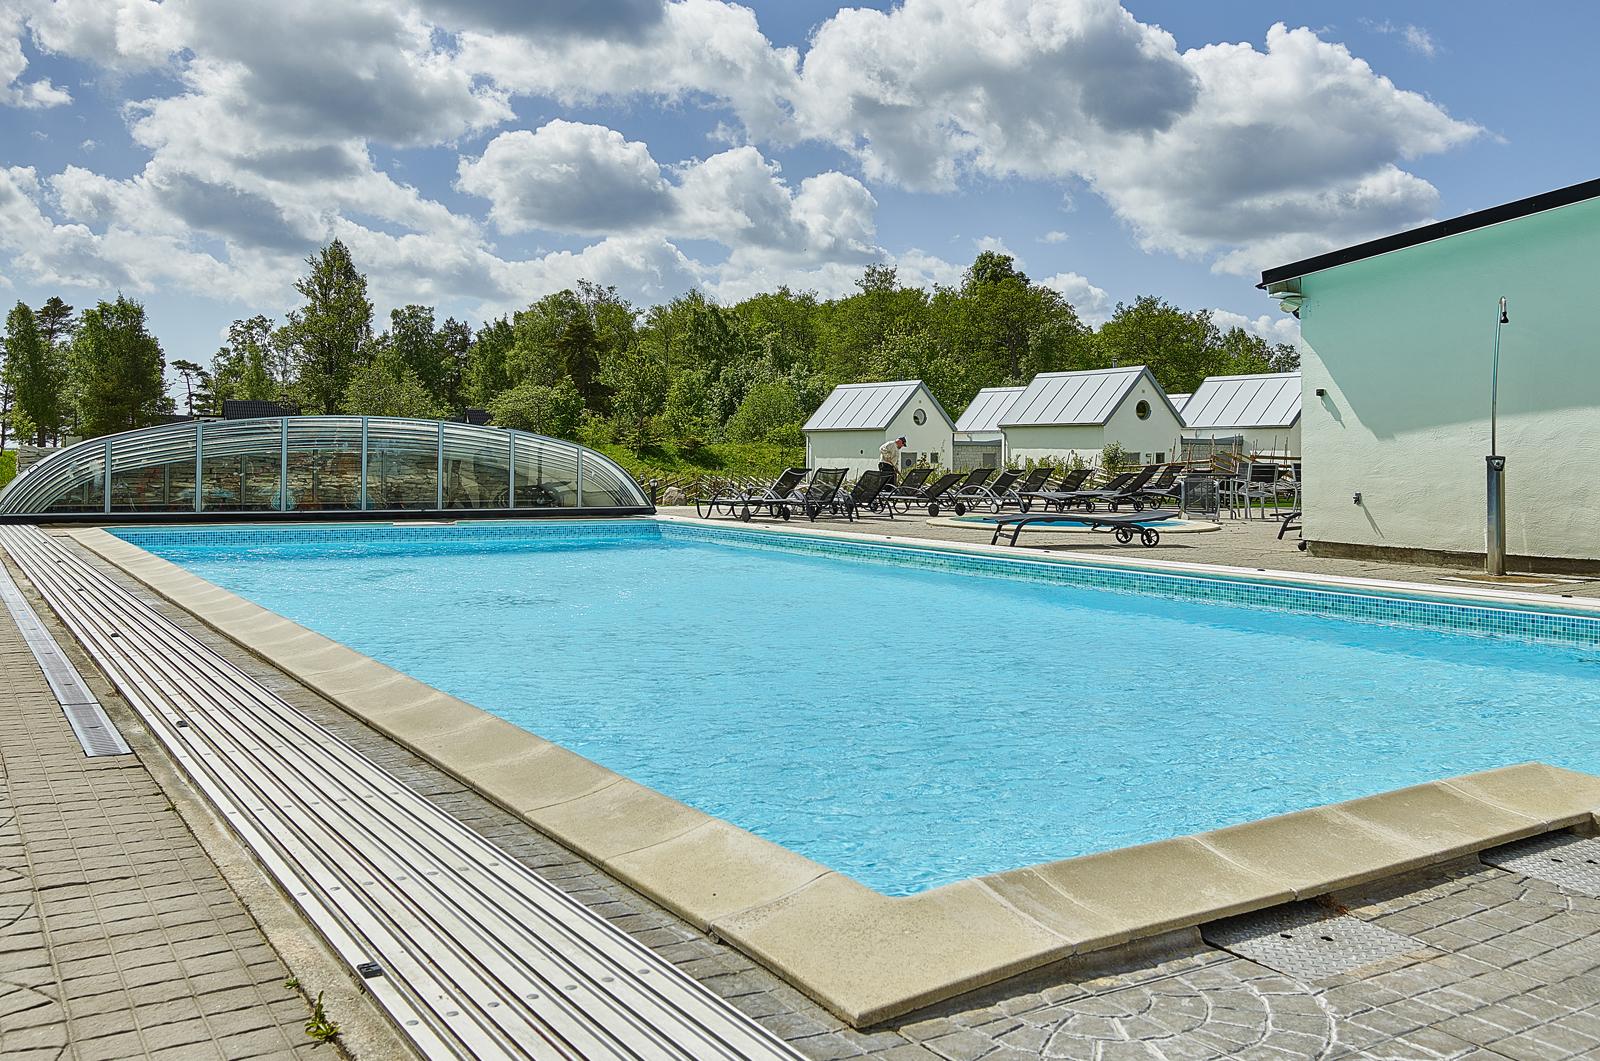 Pool Sudersand Fårö Gotland